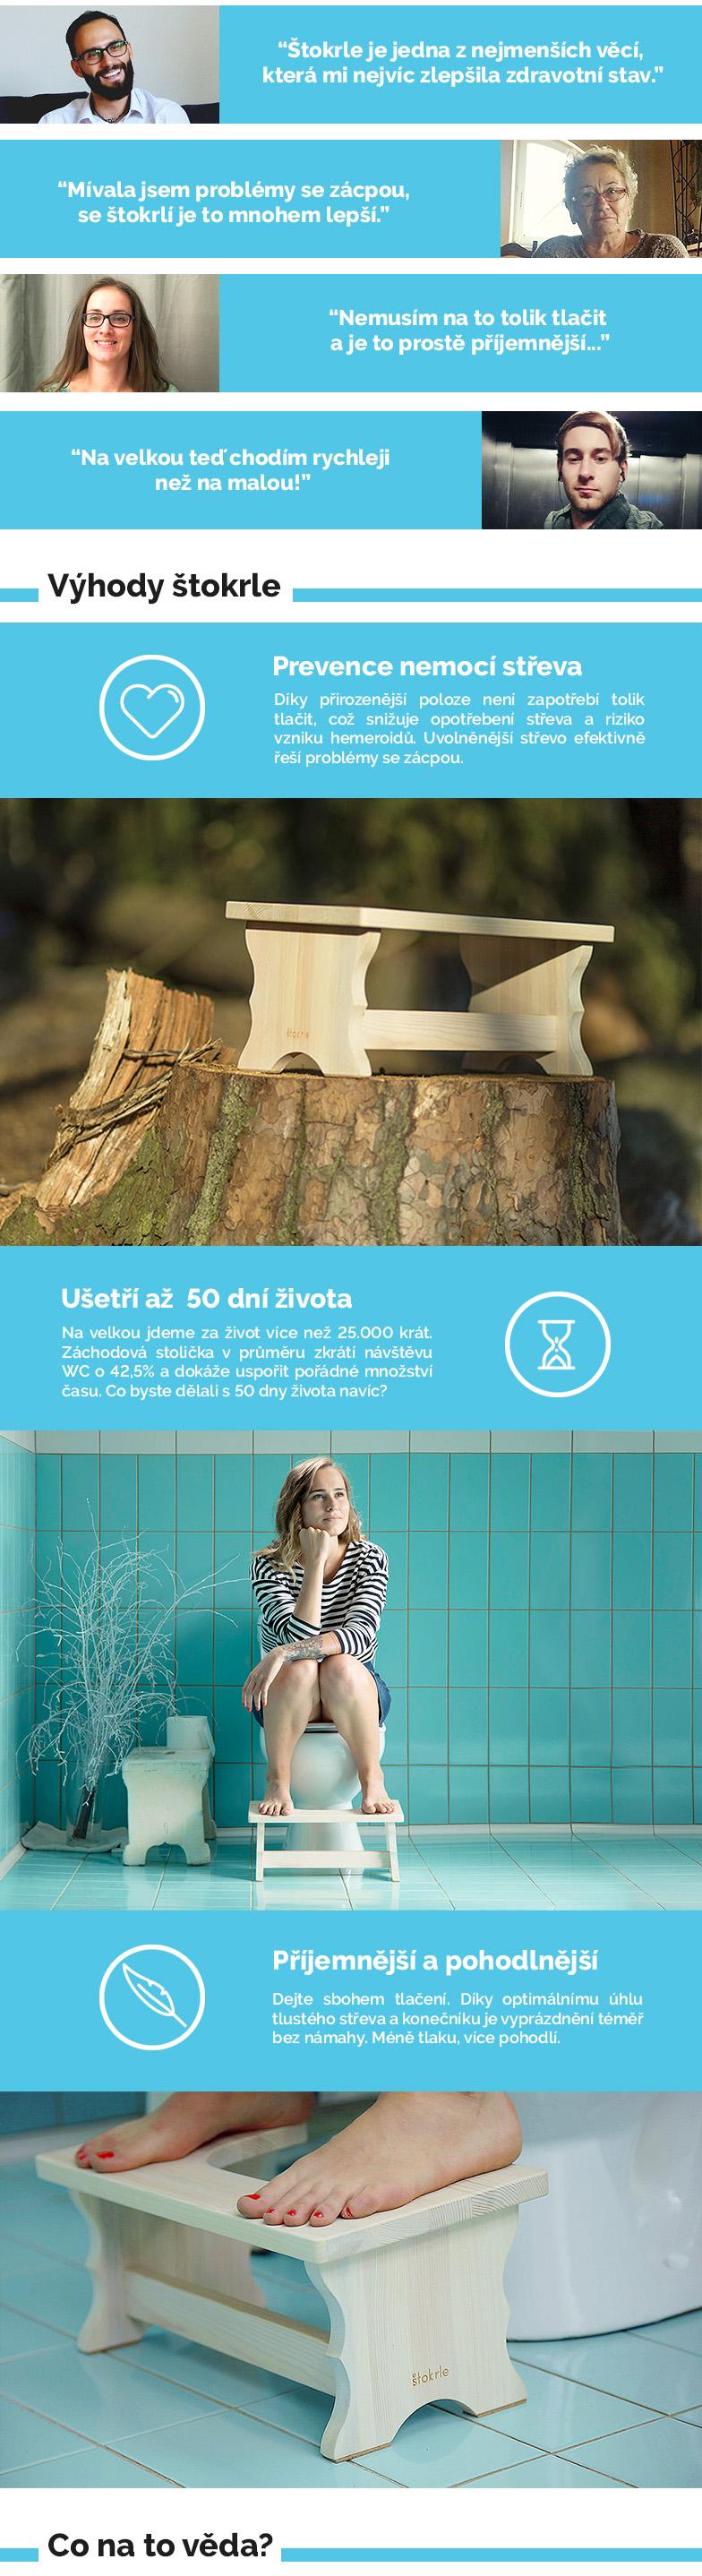 92ac820c8 Štokrle slouží jako prevence některých střevních nemocí, ale pomáhá i zcela  zdravým lidem lépe se vyprázdnit a předcházet zácpě. Štokrli již vlastní  více ...